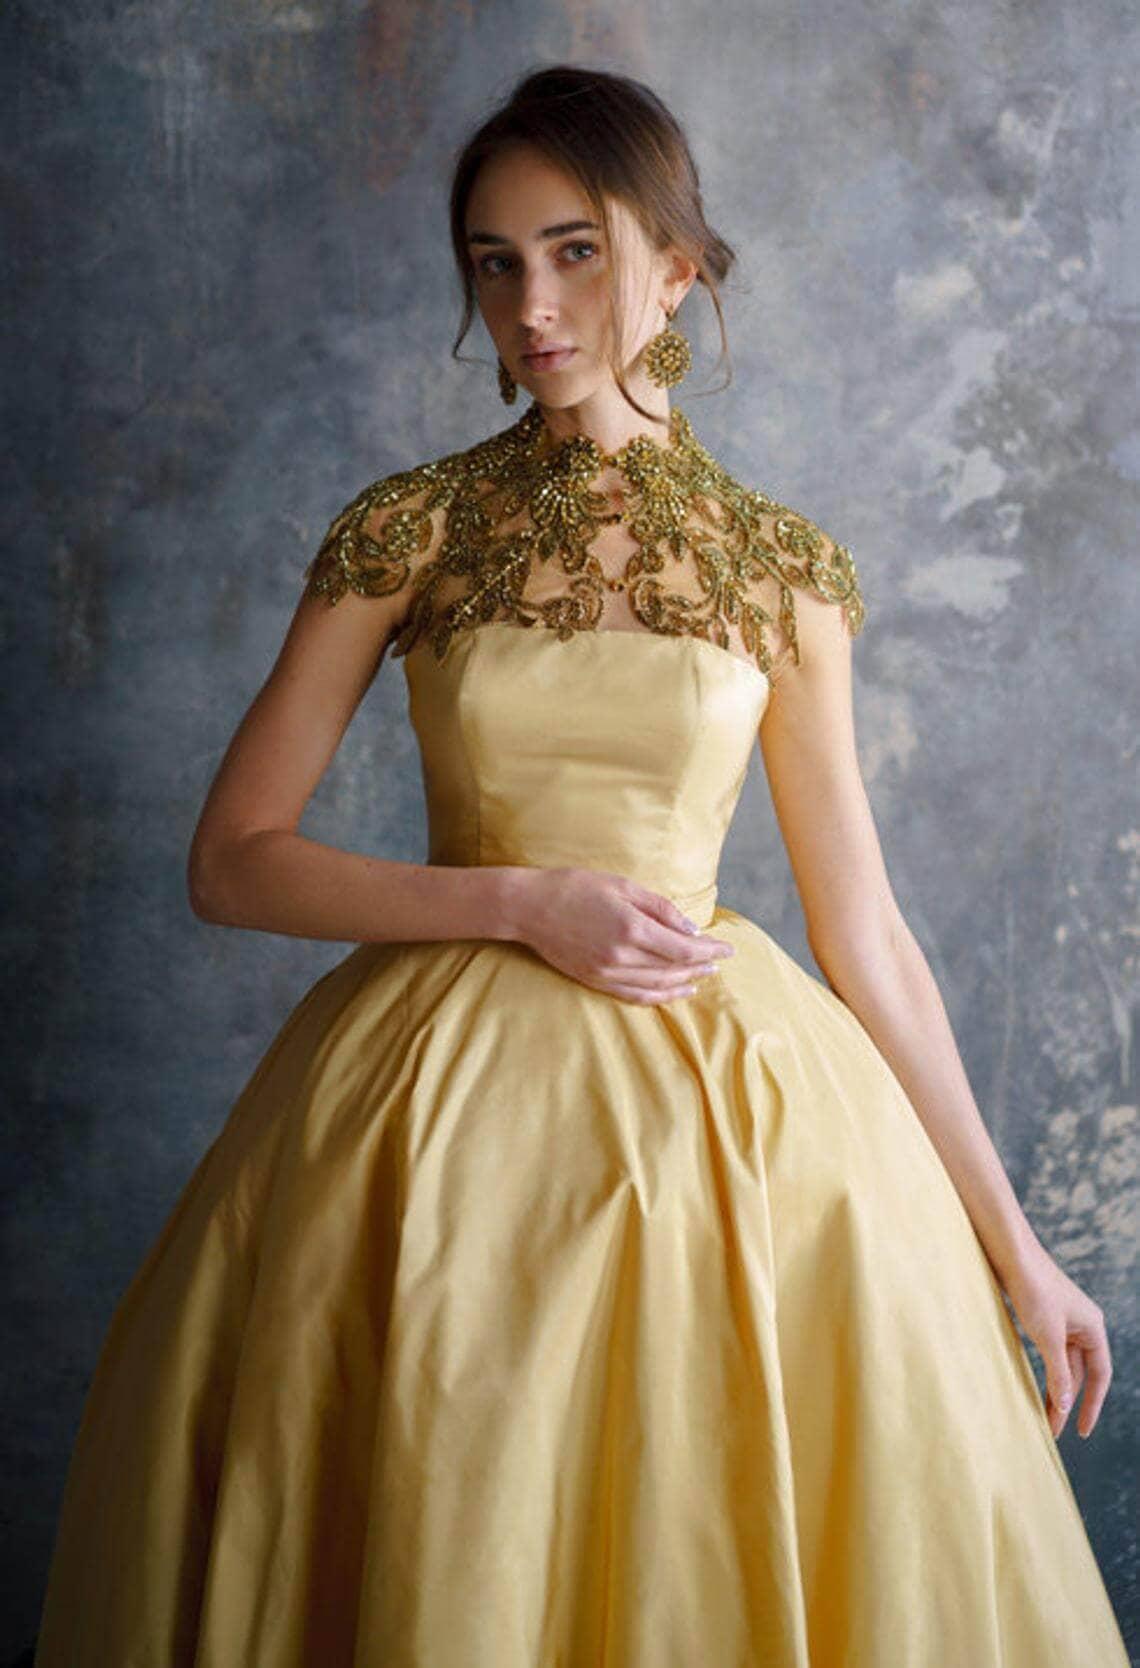 Girl wearing gold wedding dress